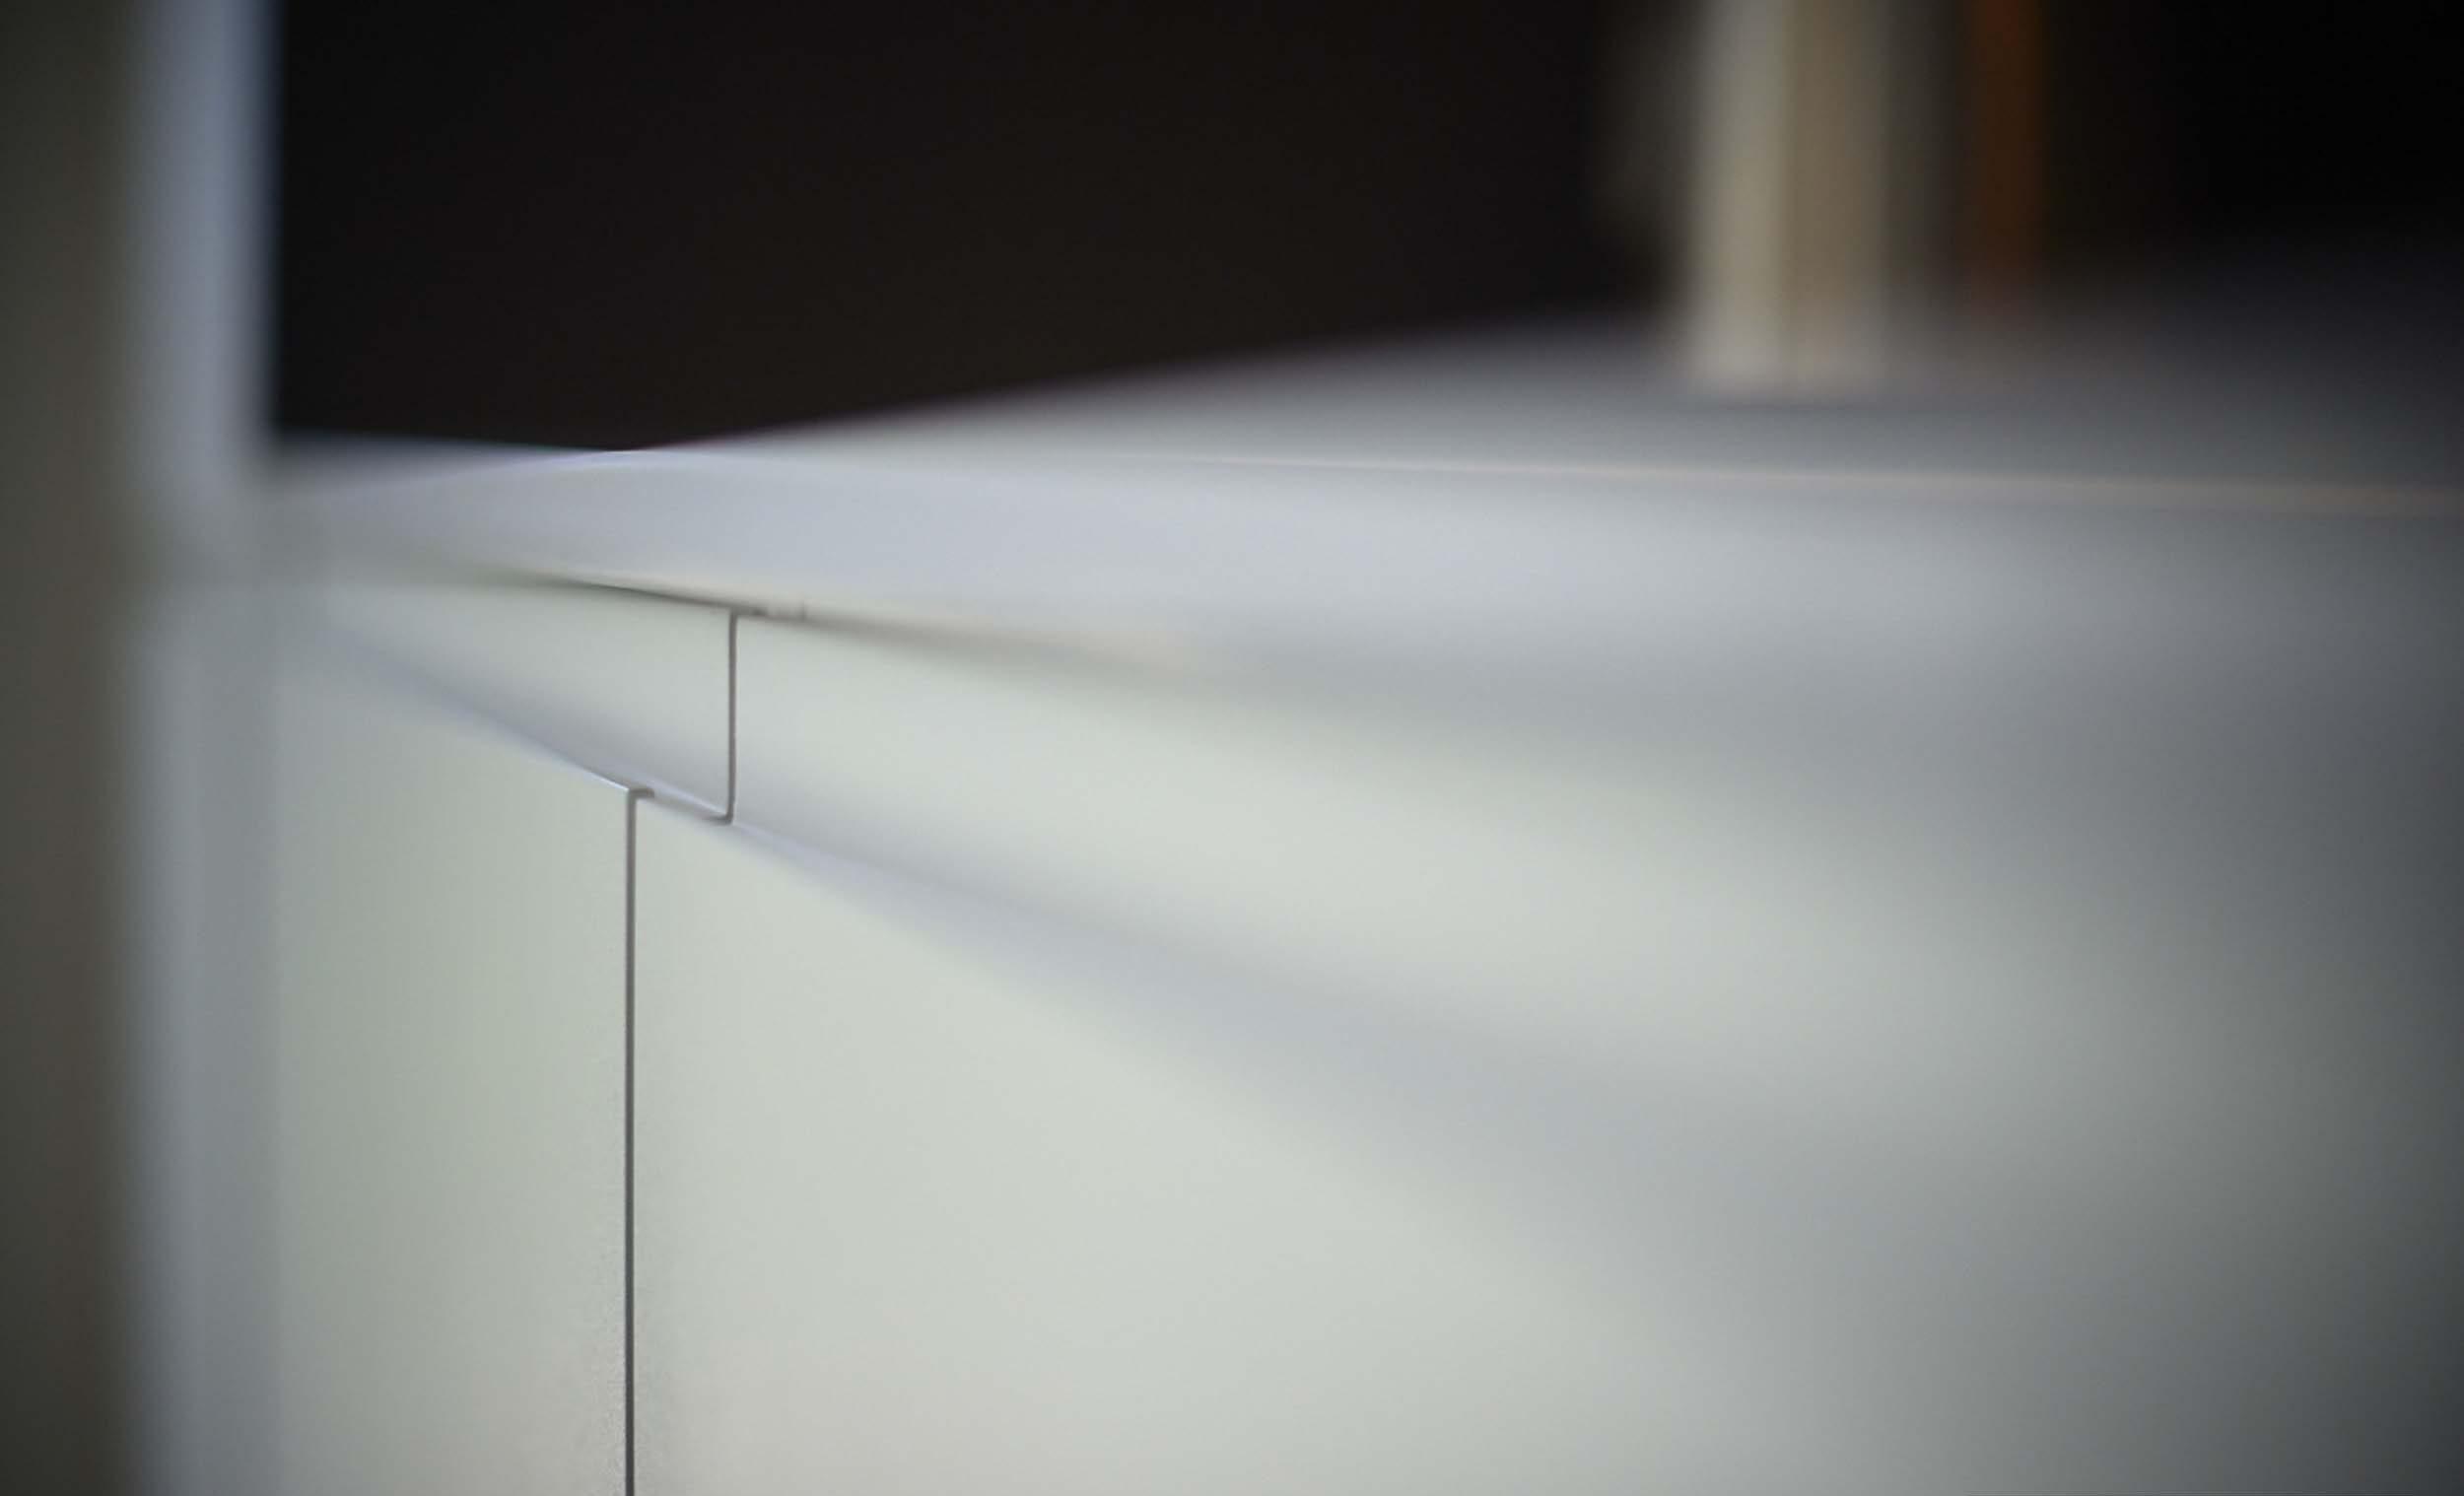 Vanda-projects-interieurinrichting-meubelmakerij-oost-vlaanderen-mortier-keukenkast